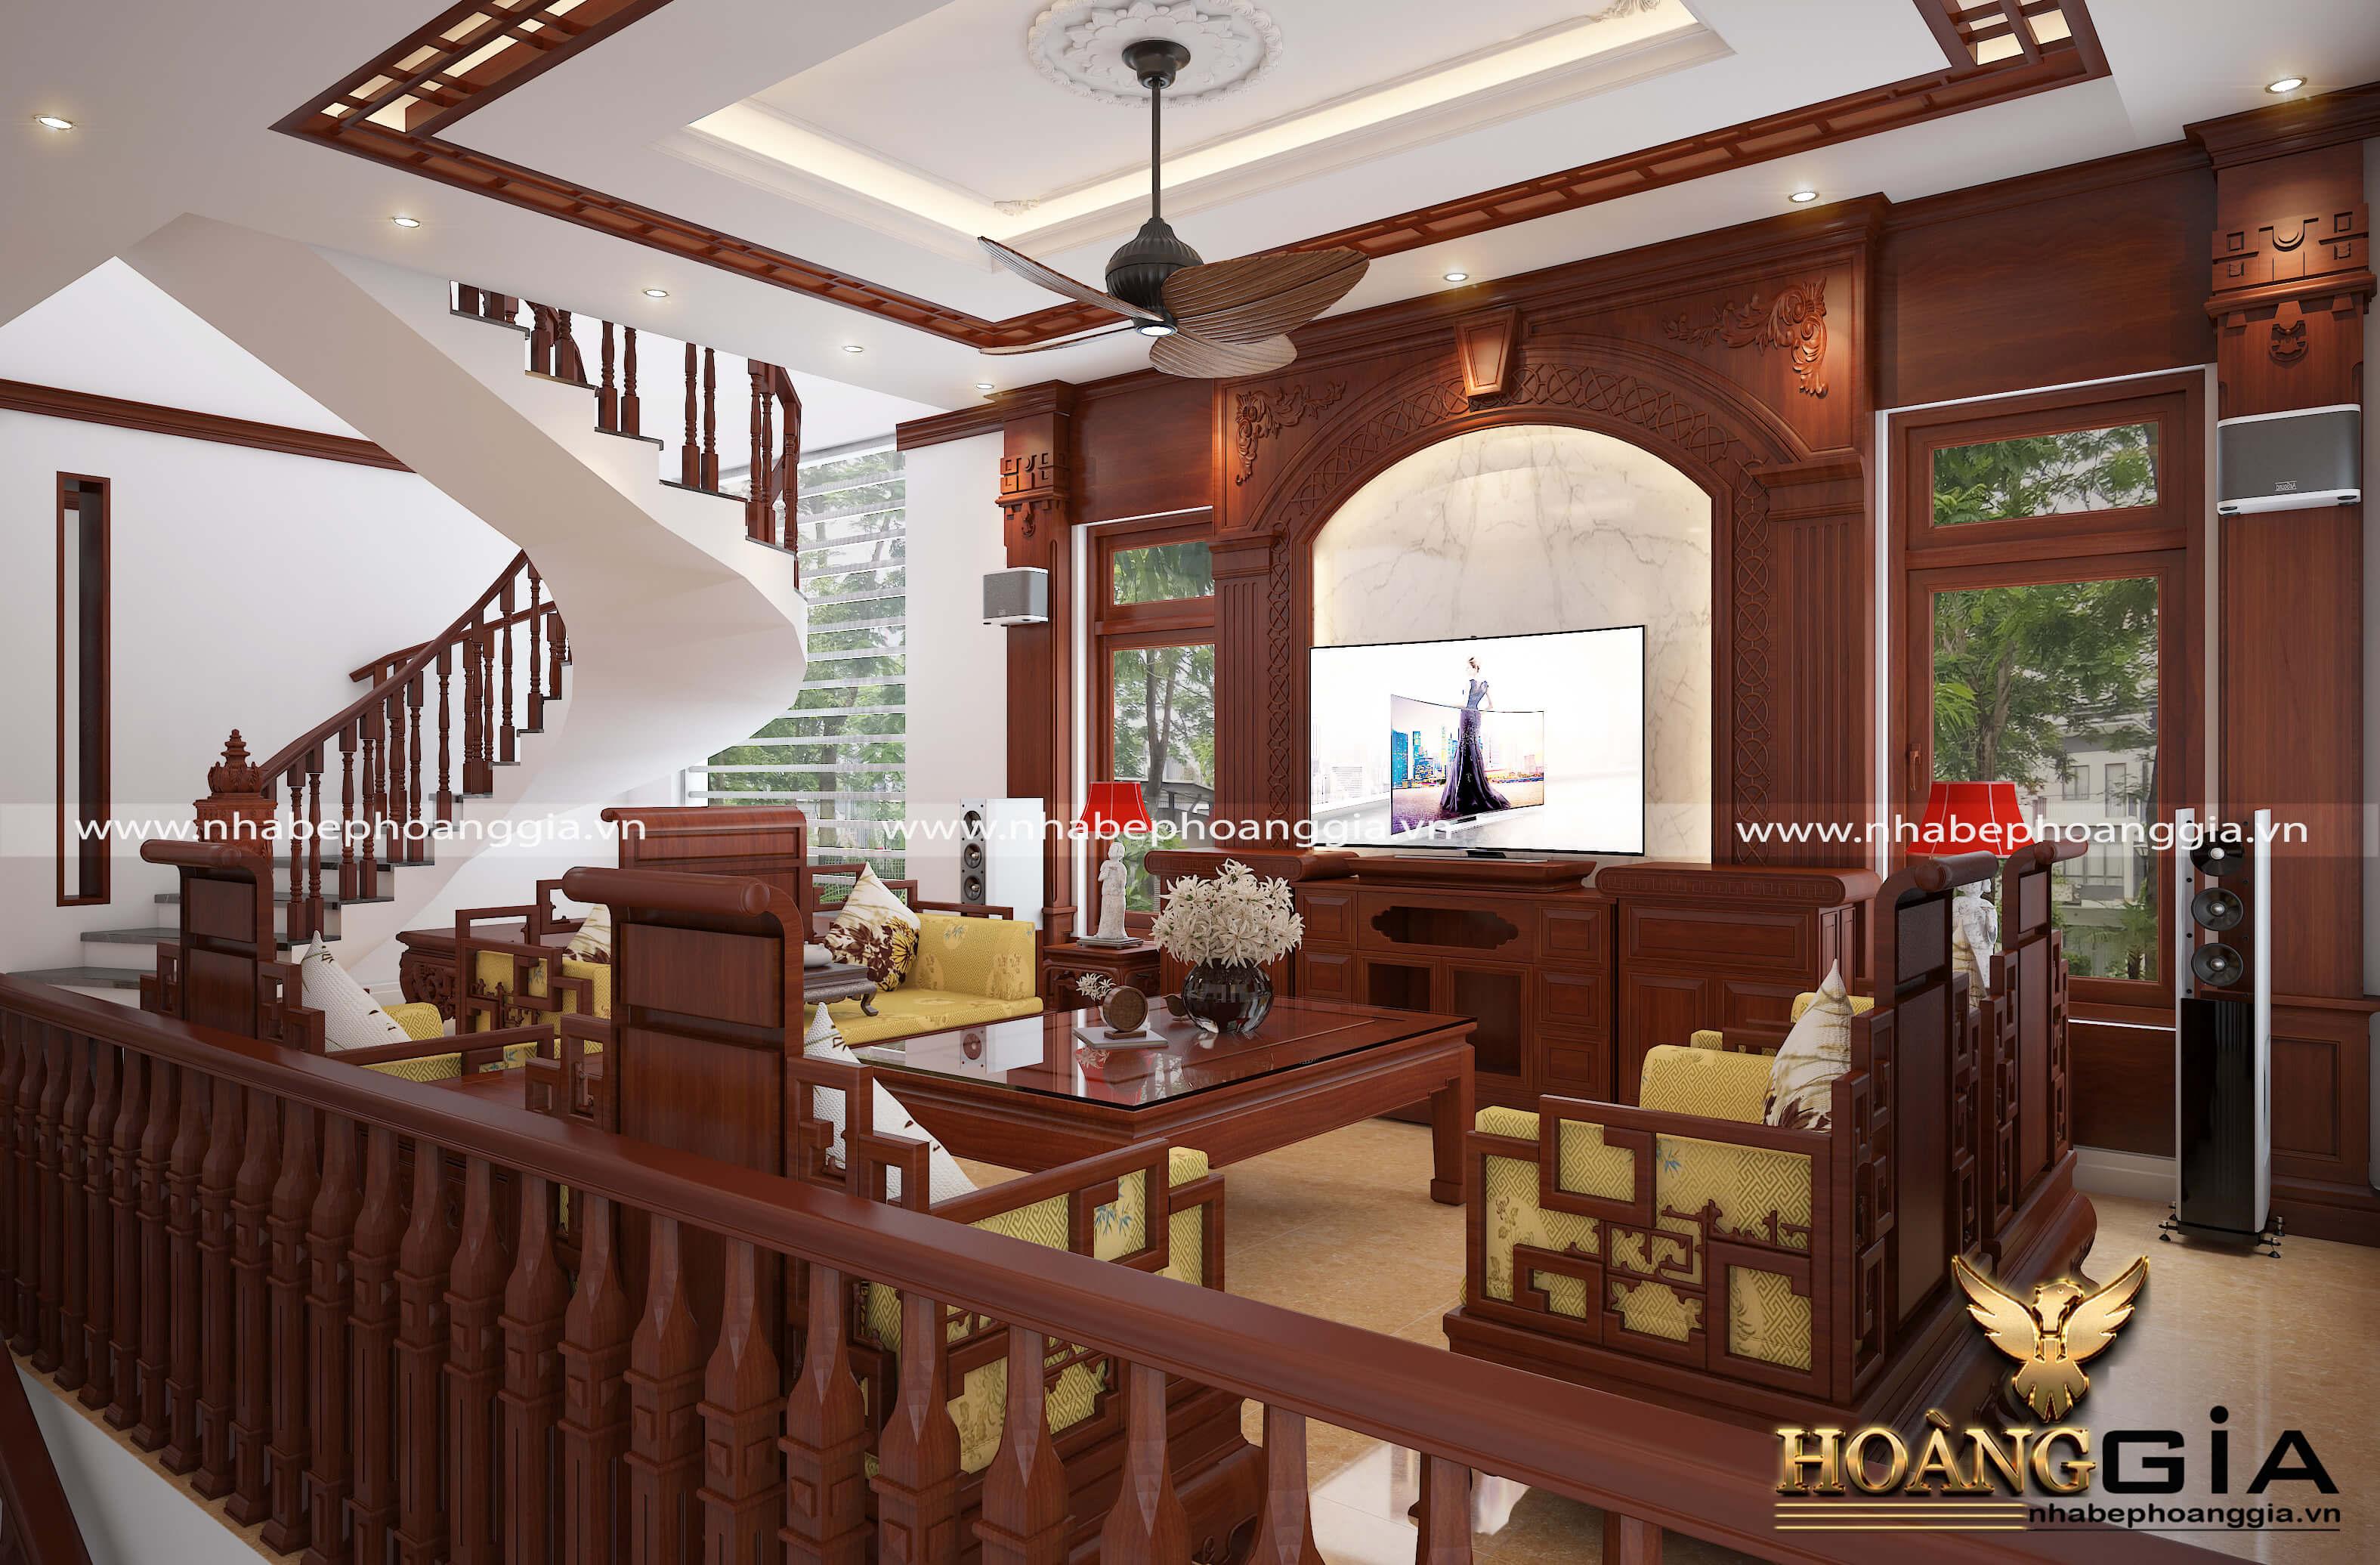 Tư vấn thiết kế nội thất tối ưu cho nhà 90m2 - Nhà Bếp Hoàng Gia